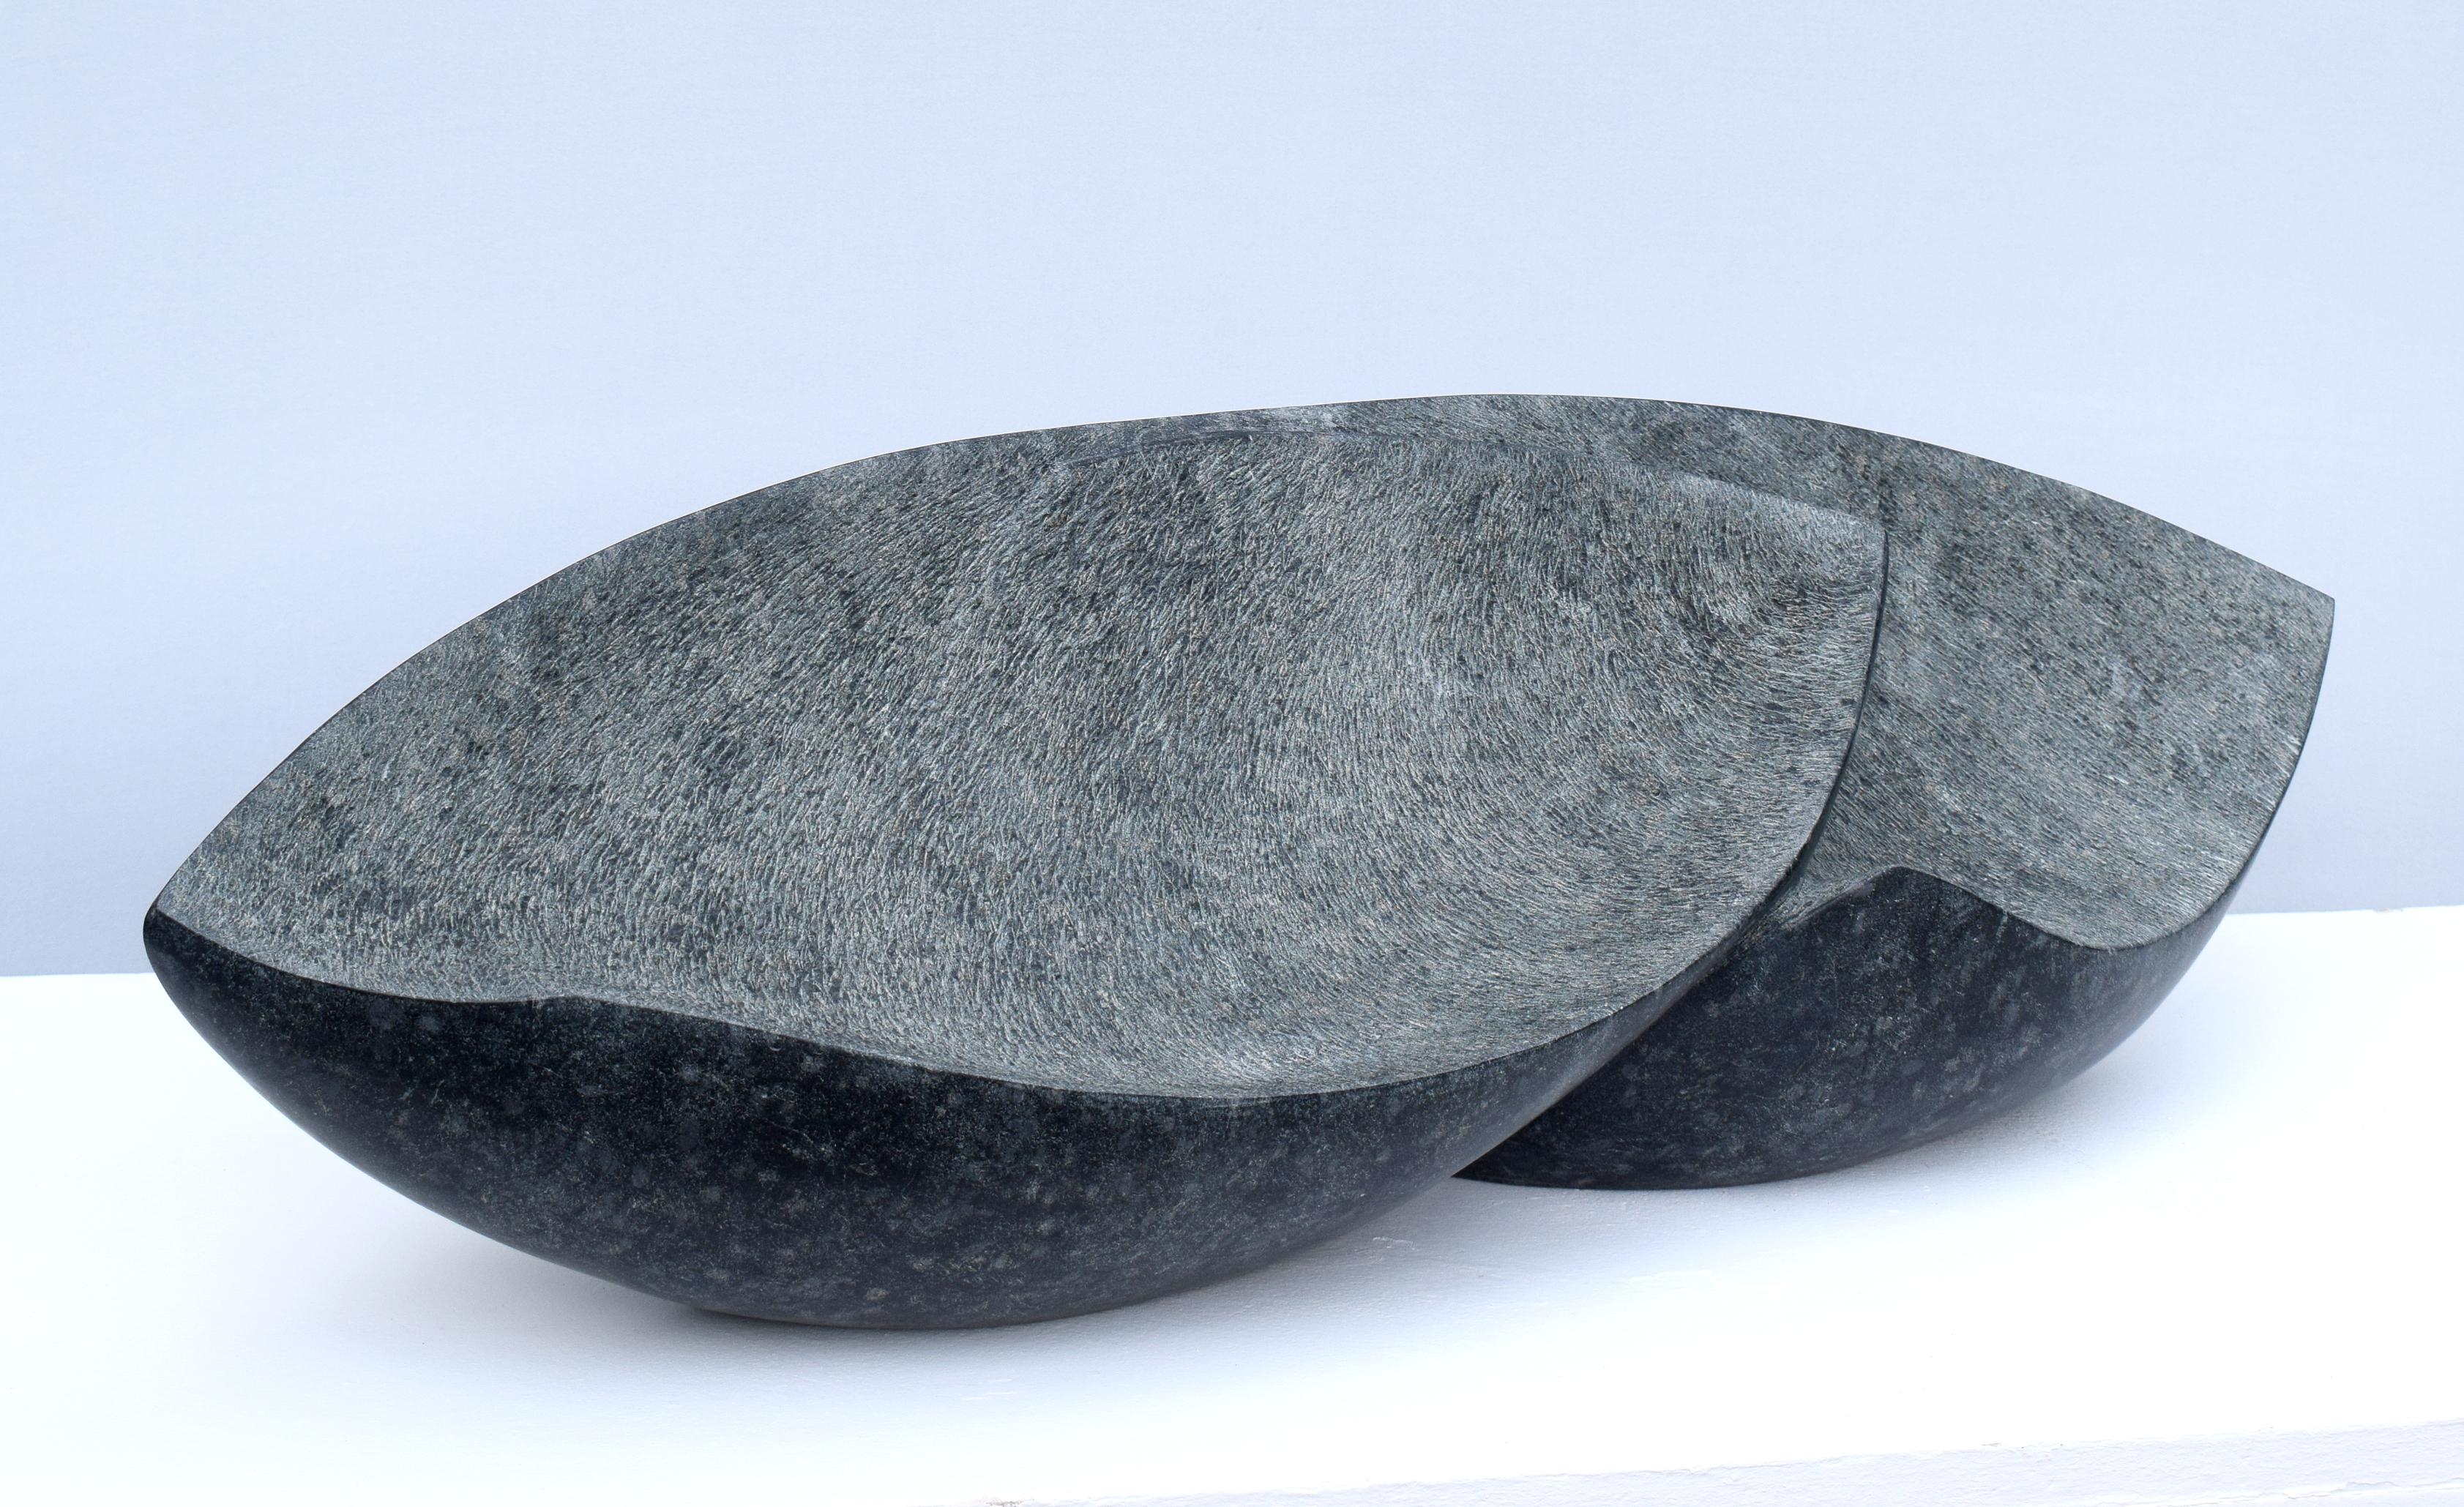 Regina Schnersch, Ohne Titel, 2020, Diabas, 90 x 25 x 25 cm